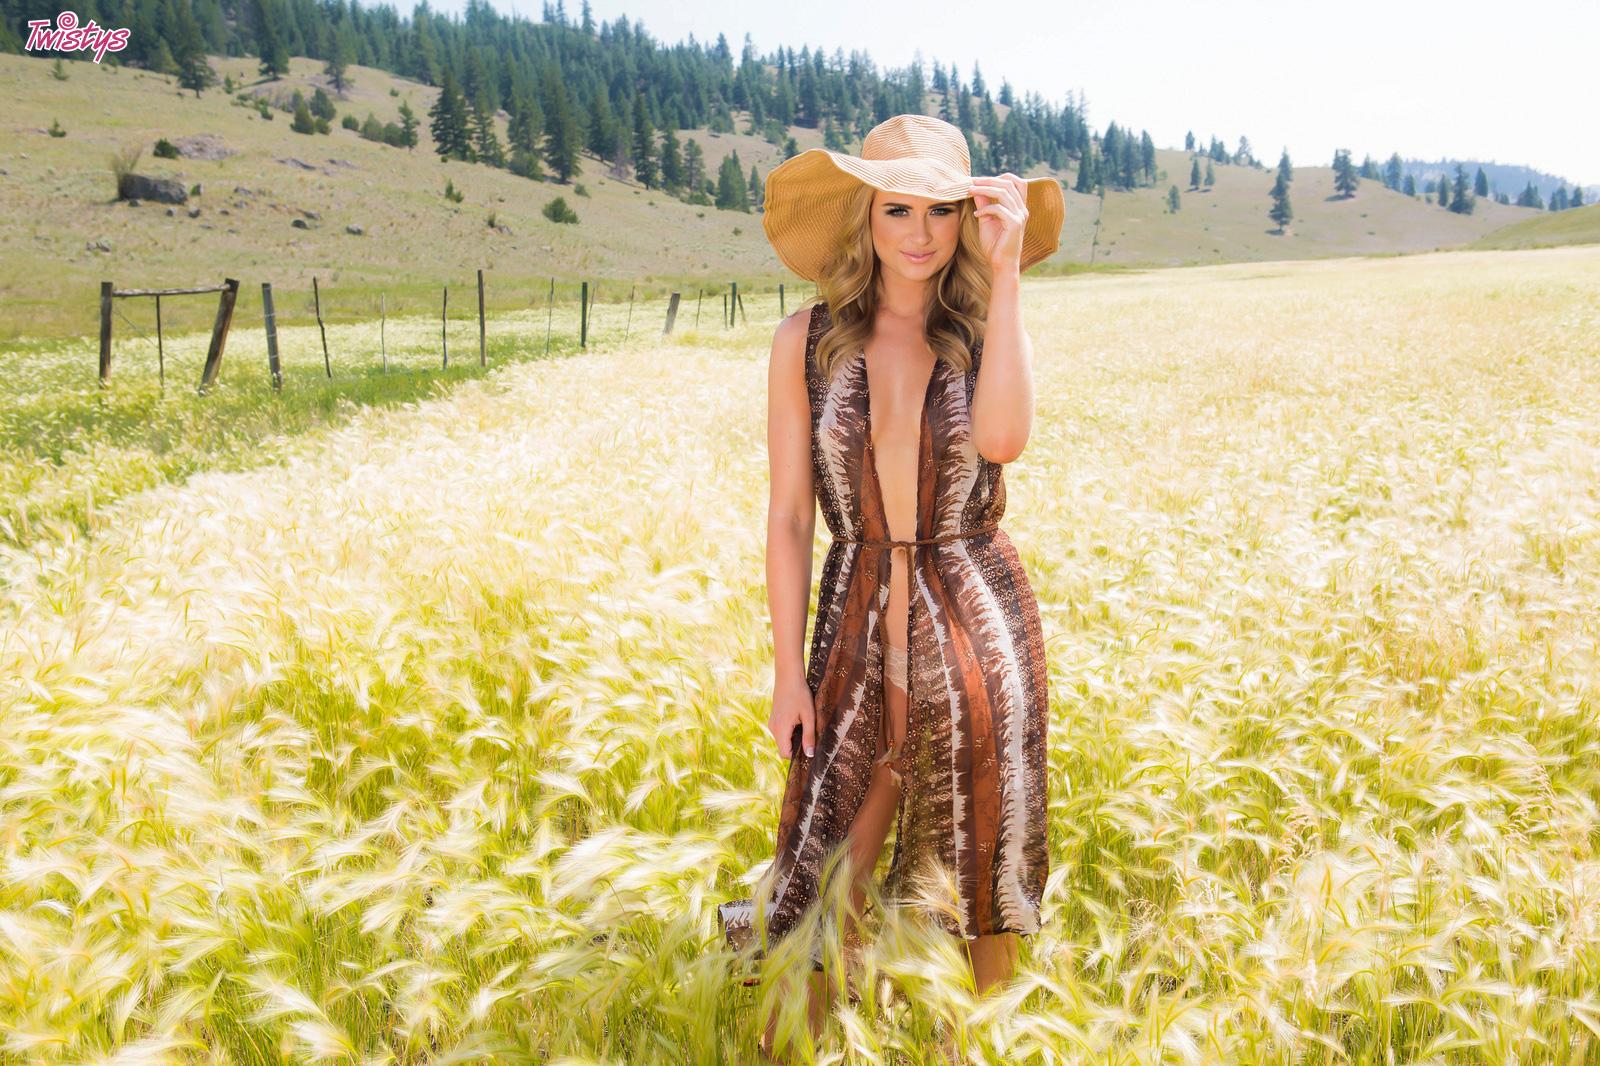 Maya Rae outside in a field - Perfect Ten